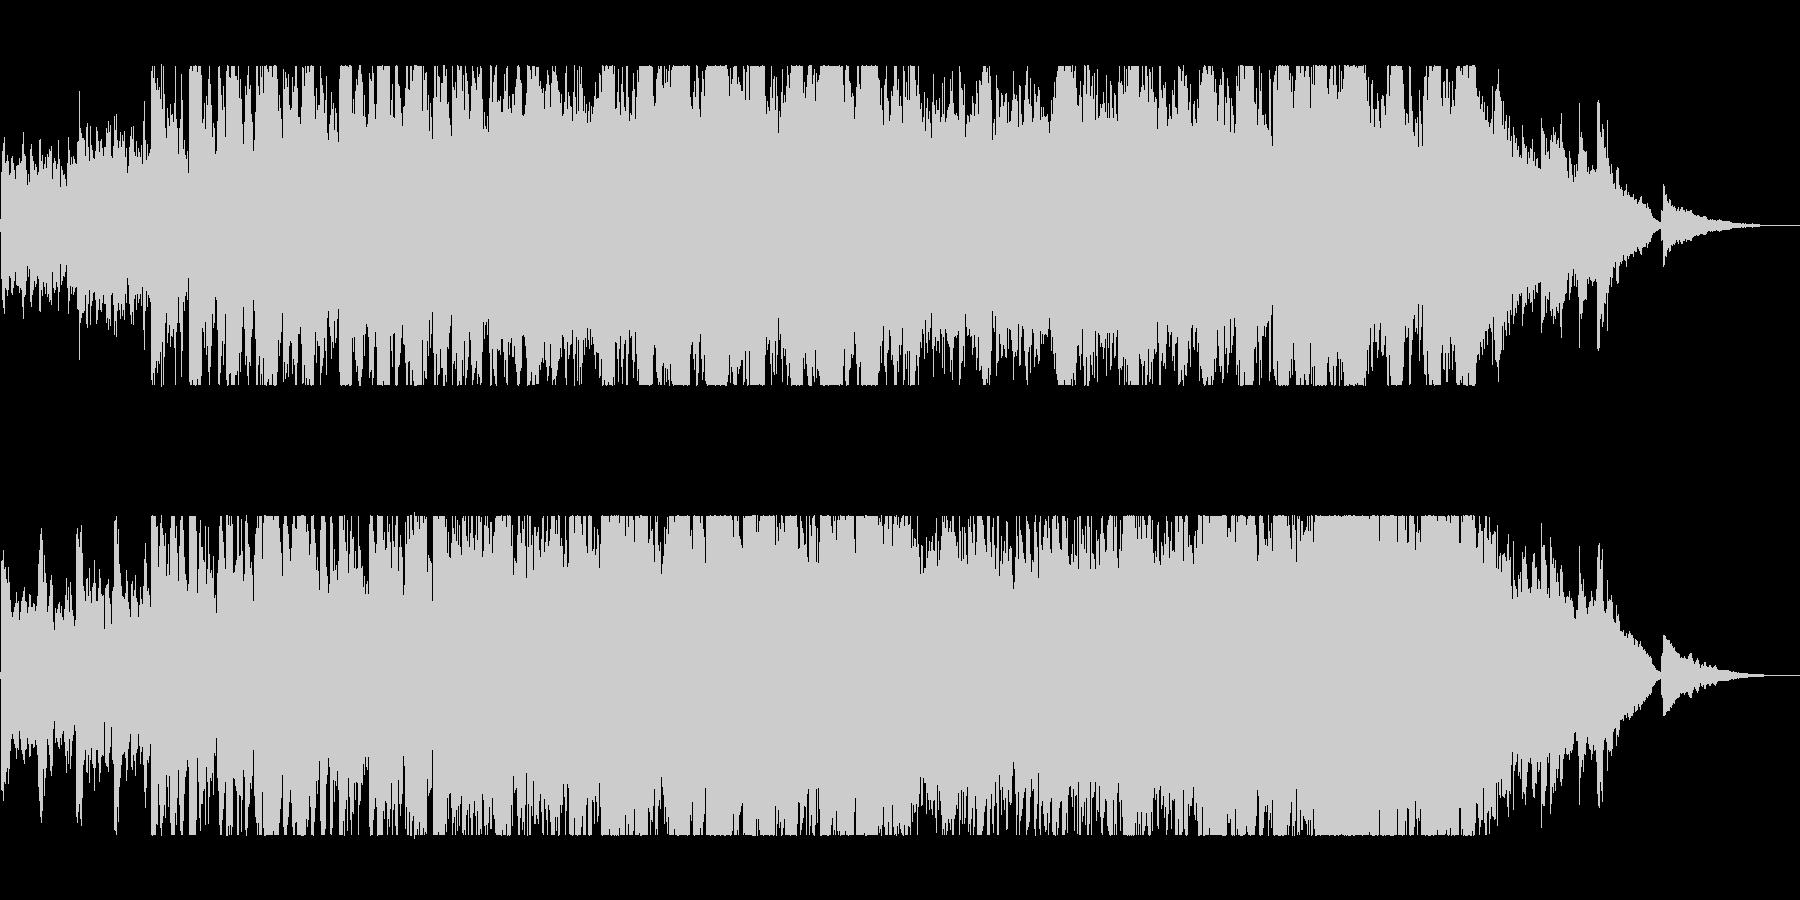 北欧テイストのクラシックポップスの未再生の波形